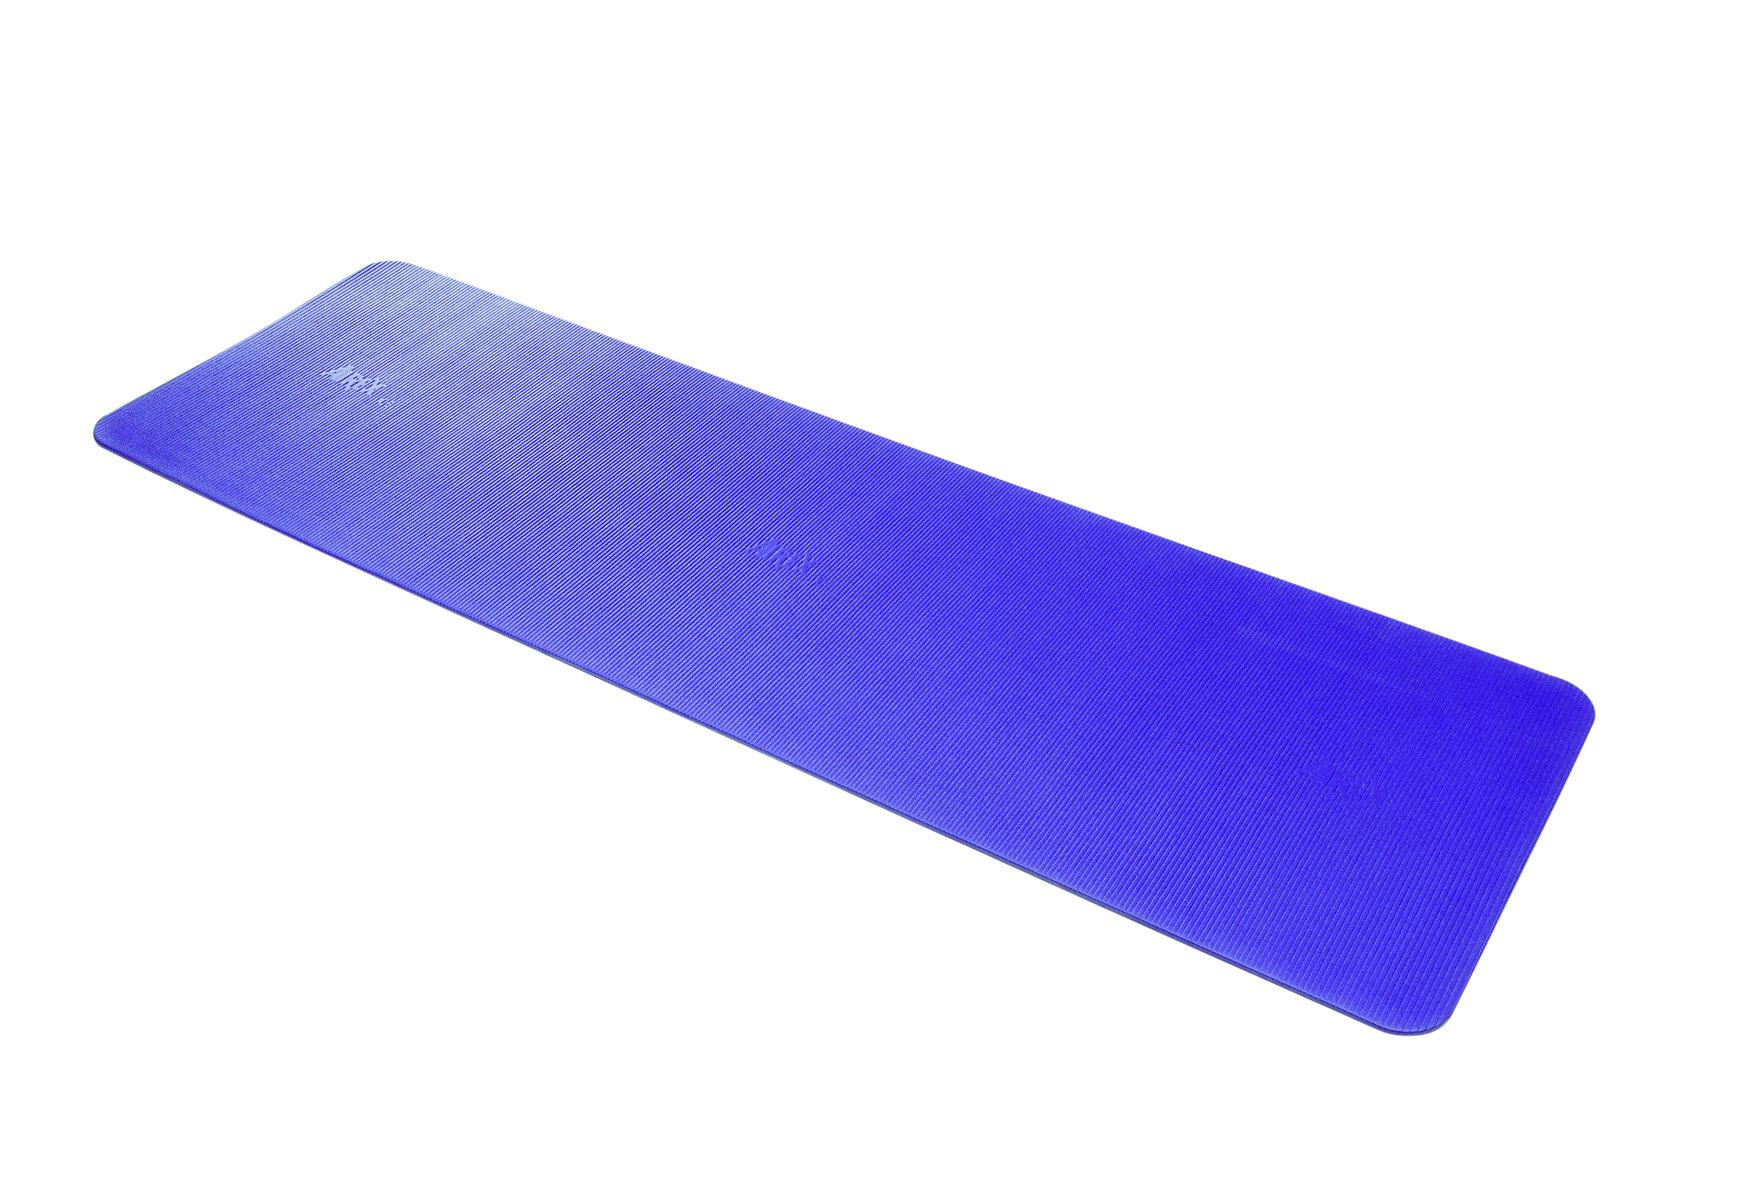 Airex-Pilates und Yogamatte 190 x 60 x 0,8 cm